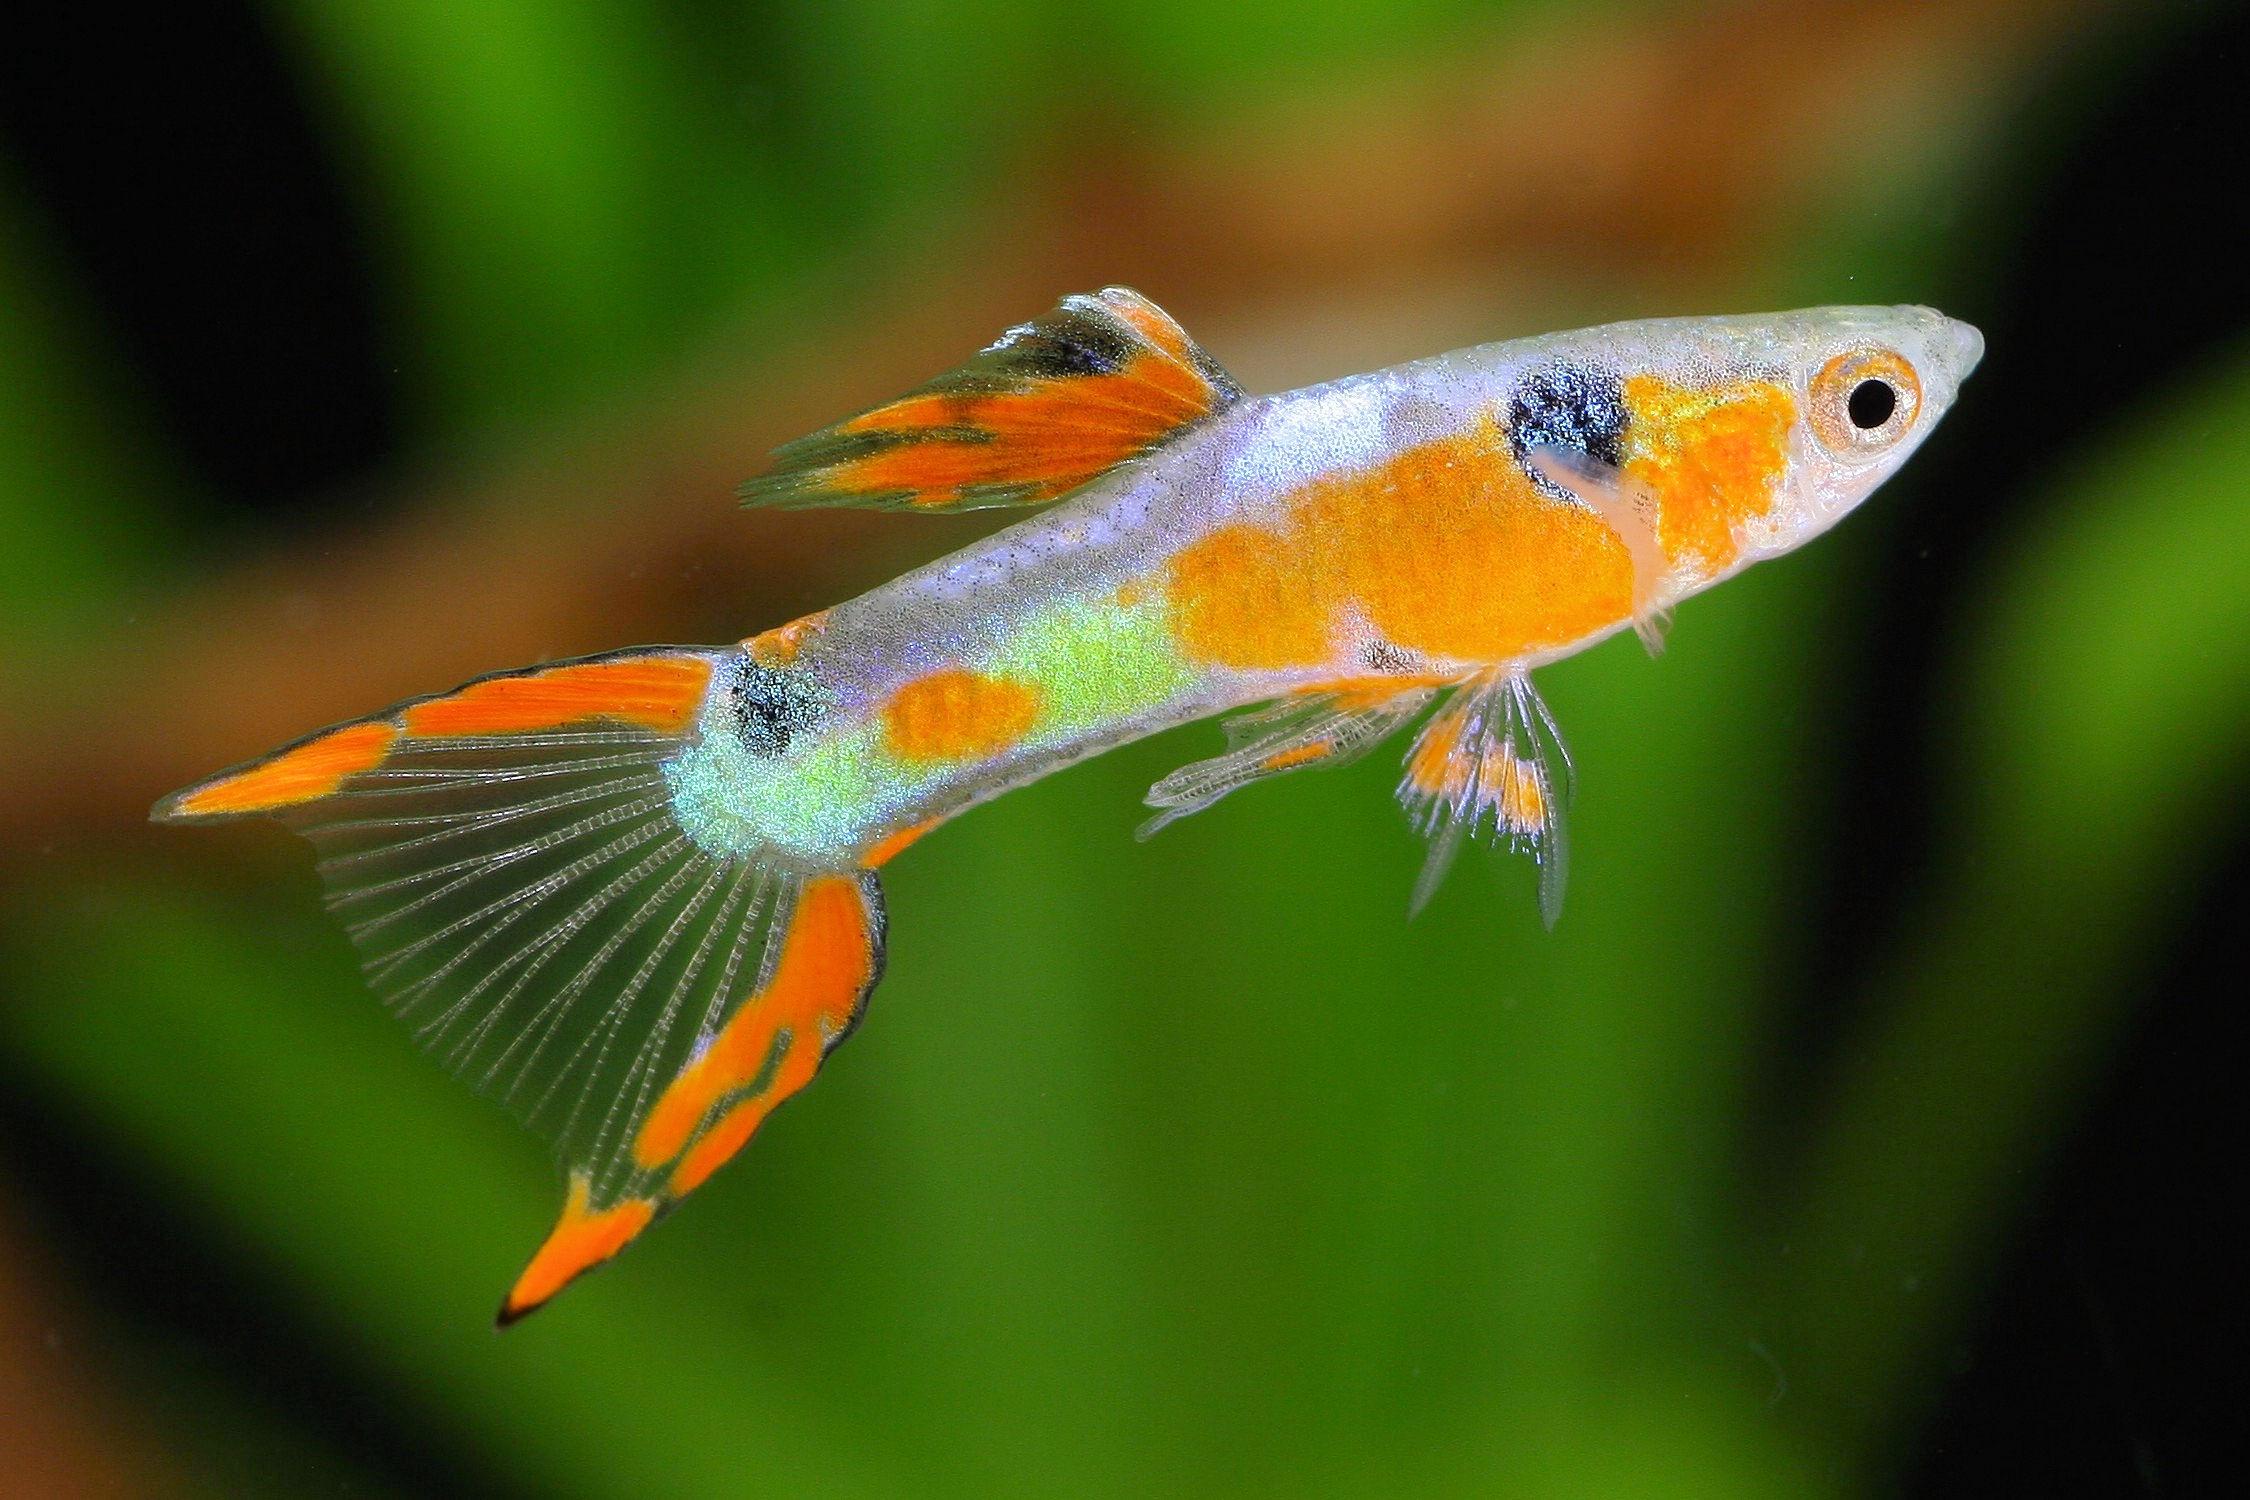 Hình ảnh cá 7 màu cảnh